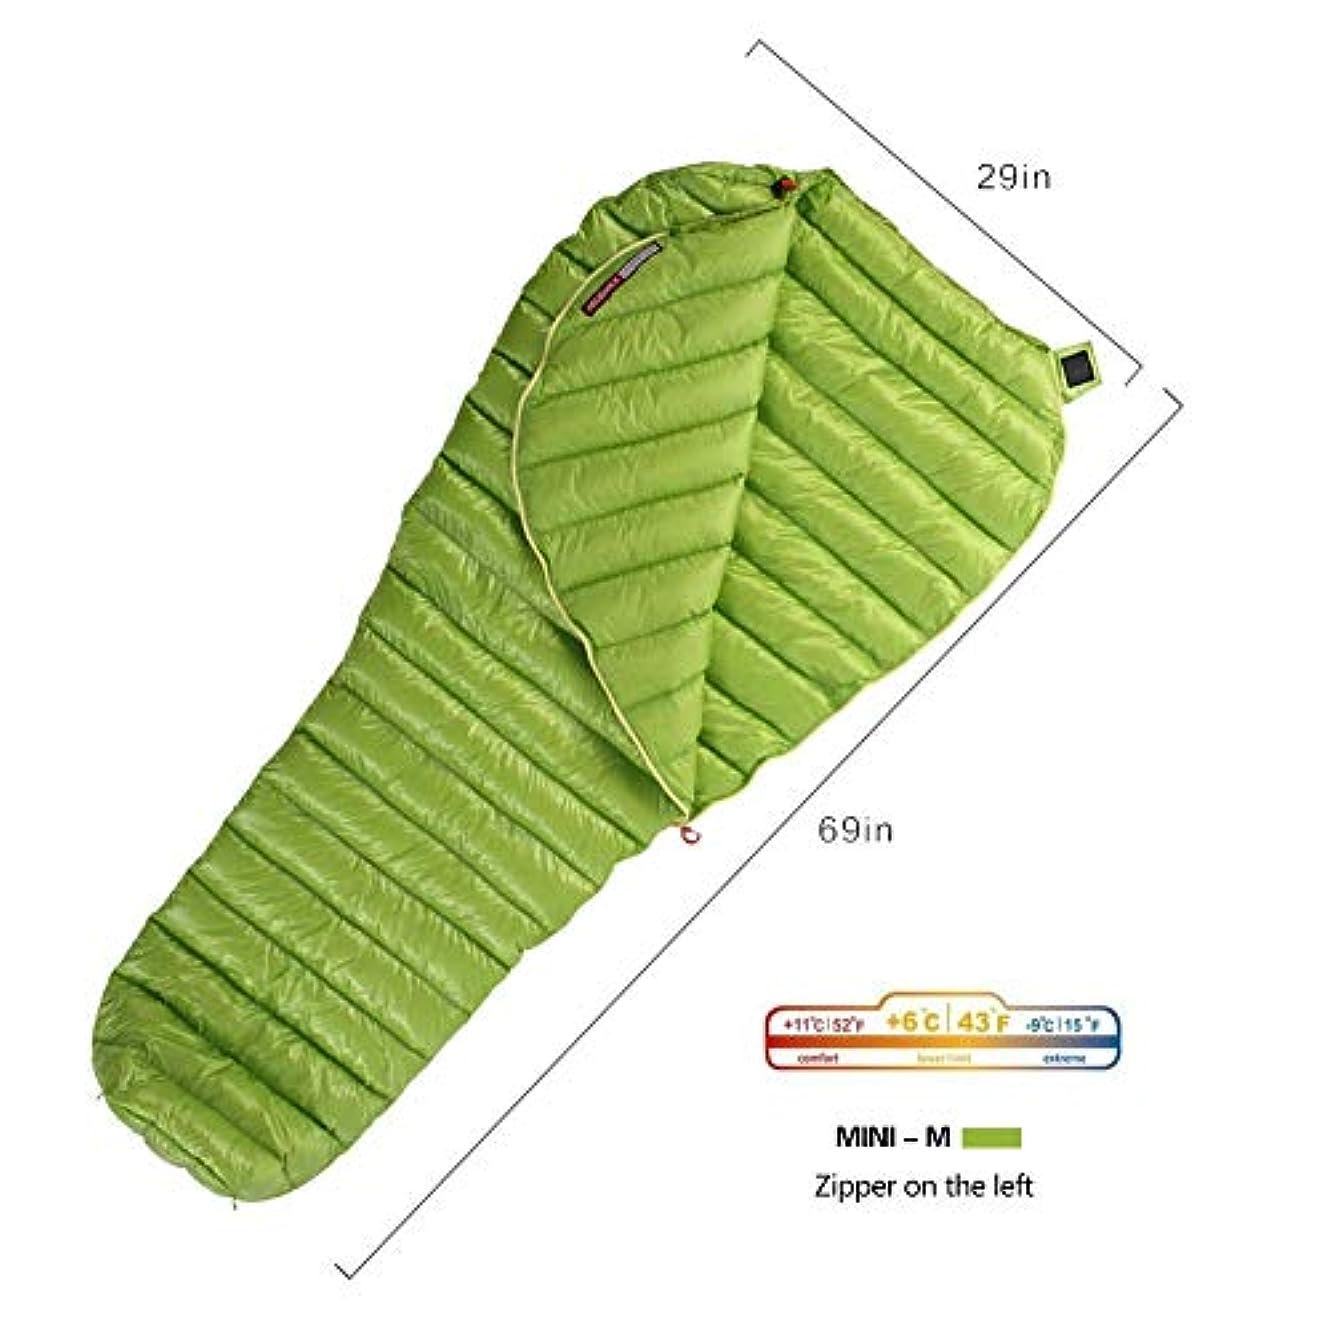 焦がすシンプルな常習的WIND HARD Goose Down Sleeping Bag Ultralight Mummy Bag with Lightweight Compression Sack 800 Fill Power 11 Degree 52F [並行輸入品]